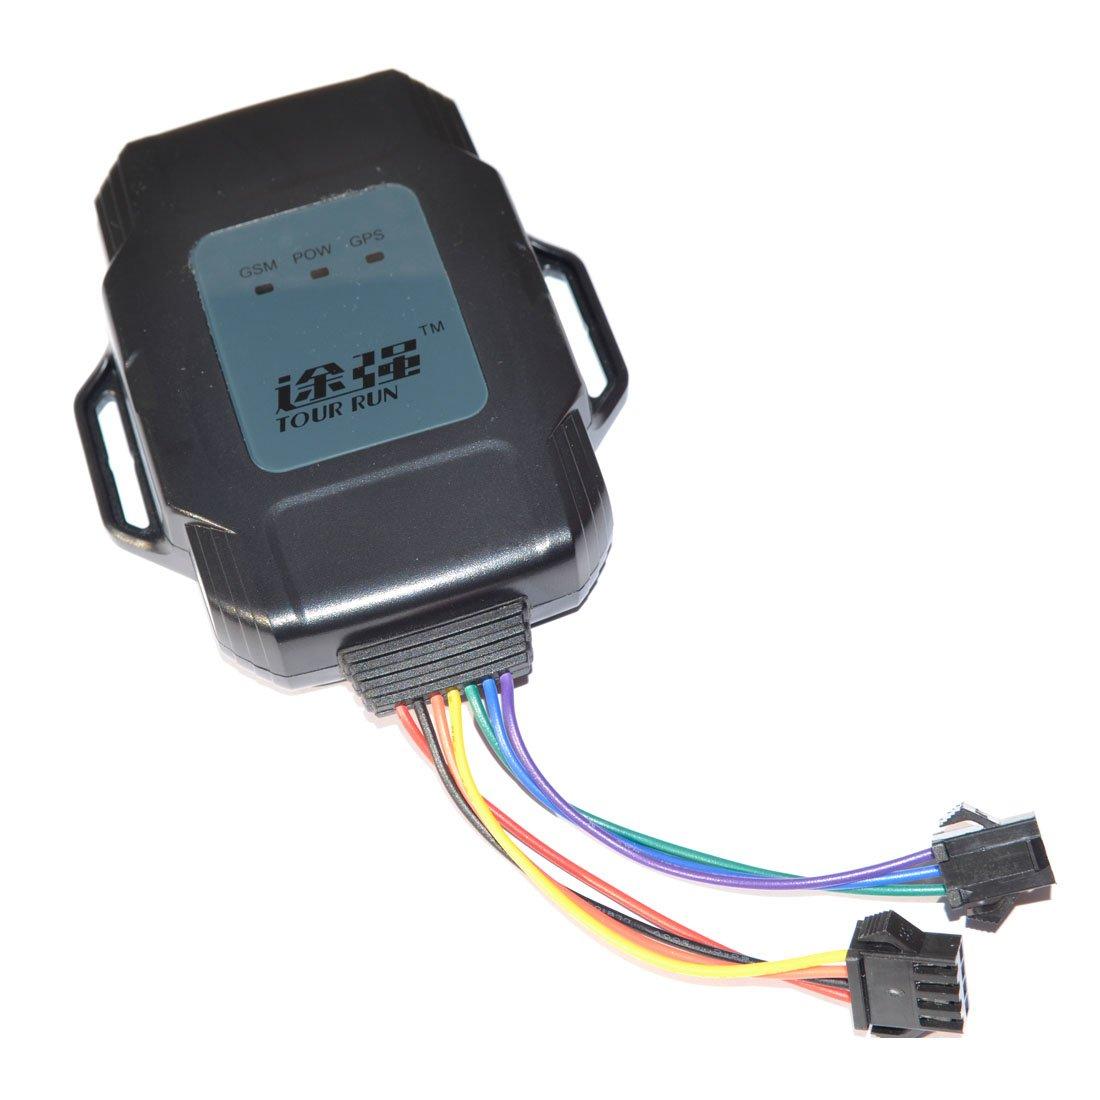 请问摩托车gps防盗器:途强gt100和爱车安gt02a谁更省电?谢谢!